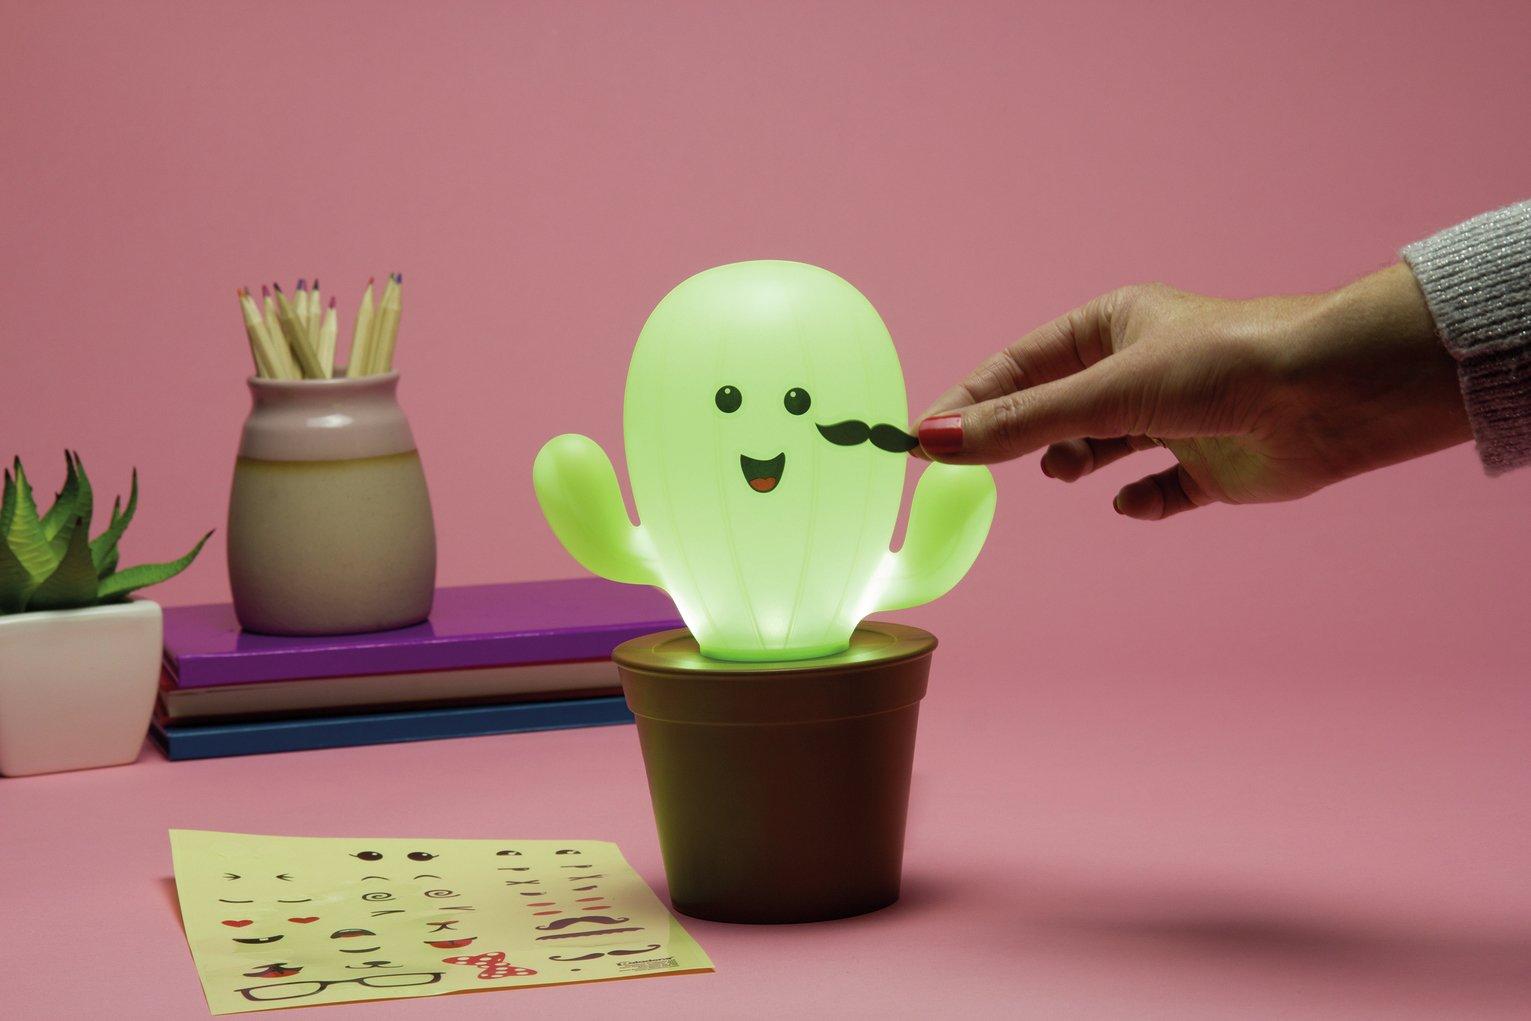 My Kawaii Cactus Lamp